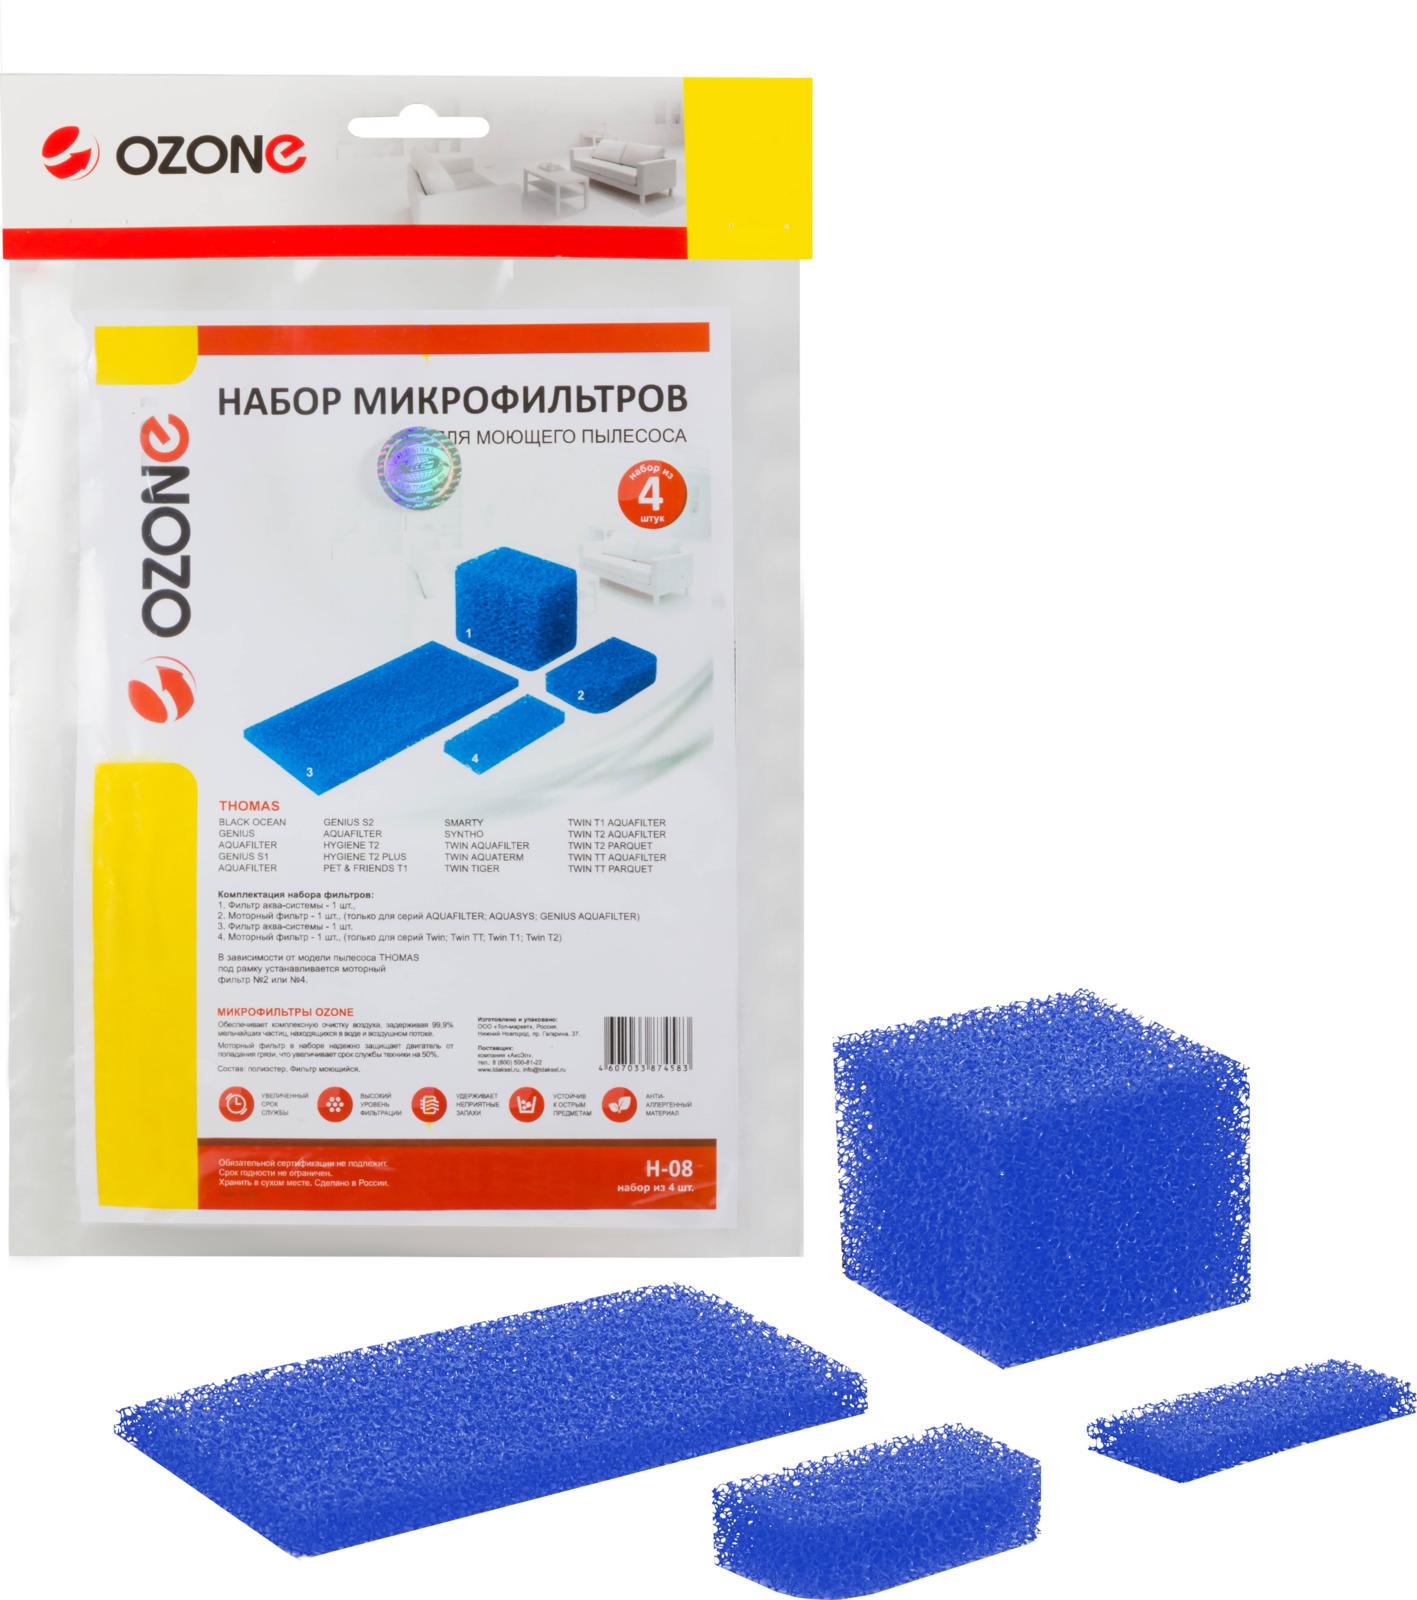 Ozone H-08 набор микрофильтров для пылесосов Thomas, 4 шт jia pei подходит просо mi фильтр для очистки воздуха для проса mi 2 поколения 1 поколения